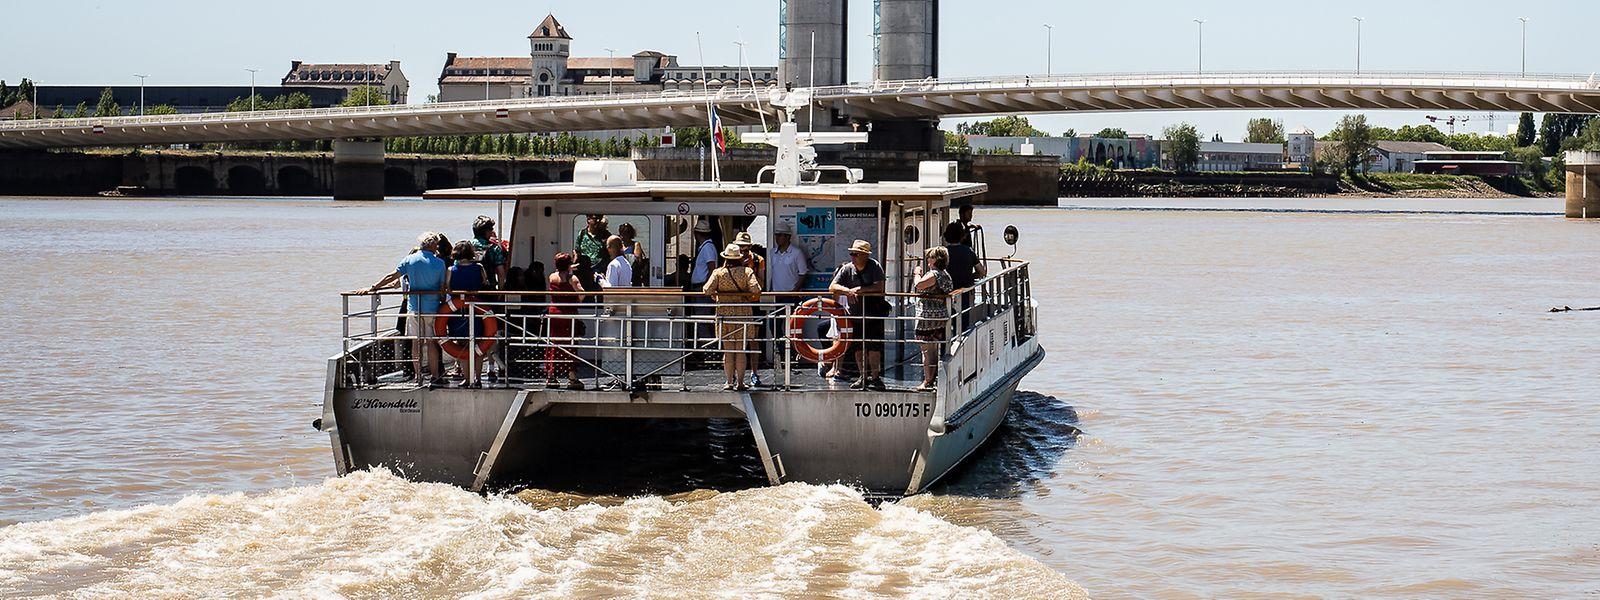 A Bordeaux, le service fluvial fonctionne tous les jours de l'année. Sauf le 1er mai où les moussaillons sont de repos. Un exemple à suivre à Metz?